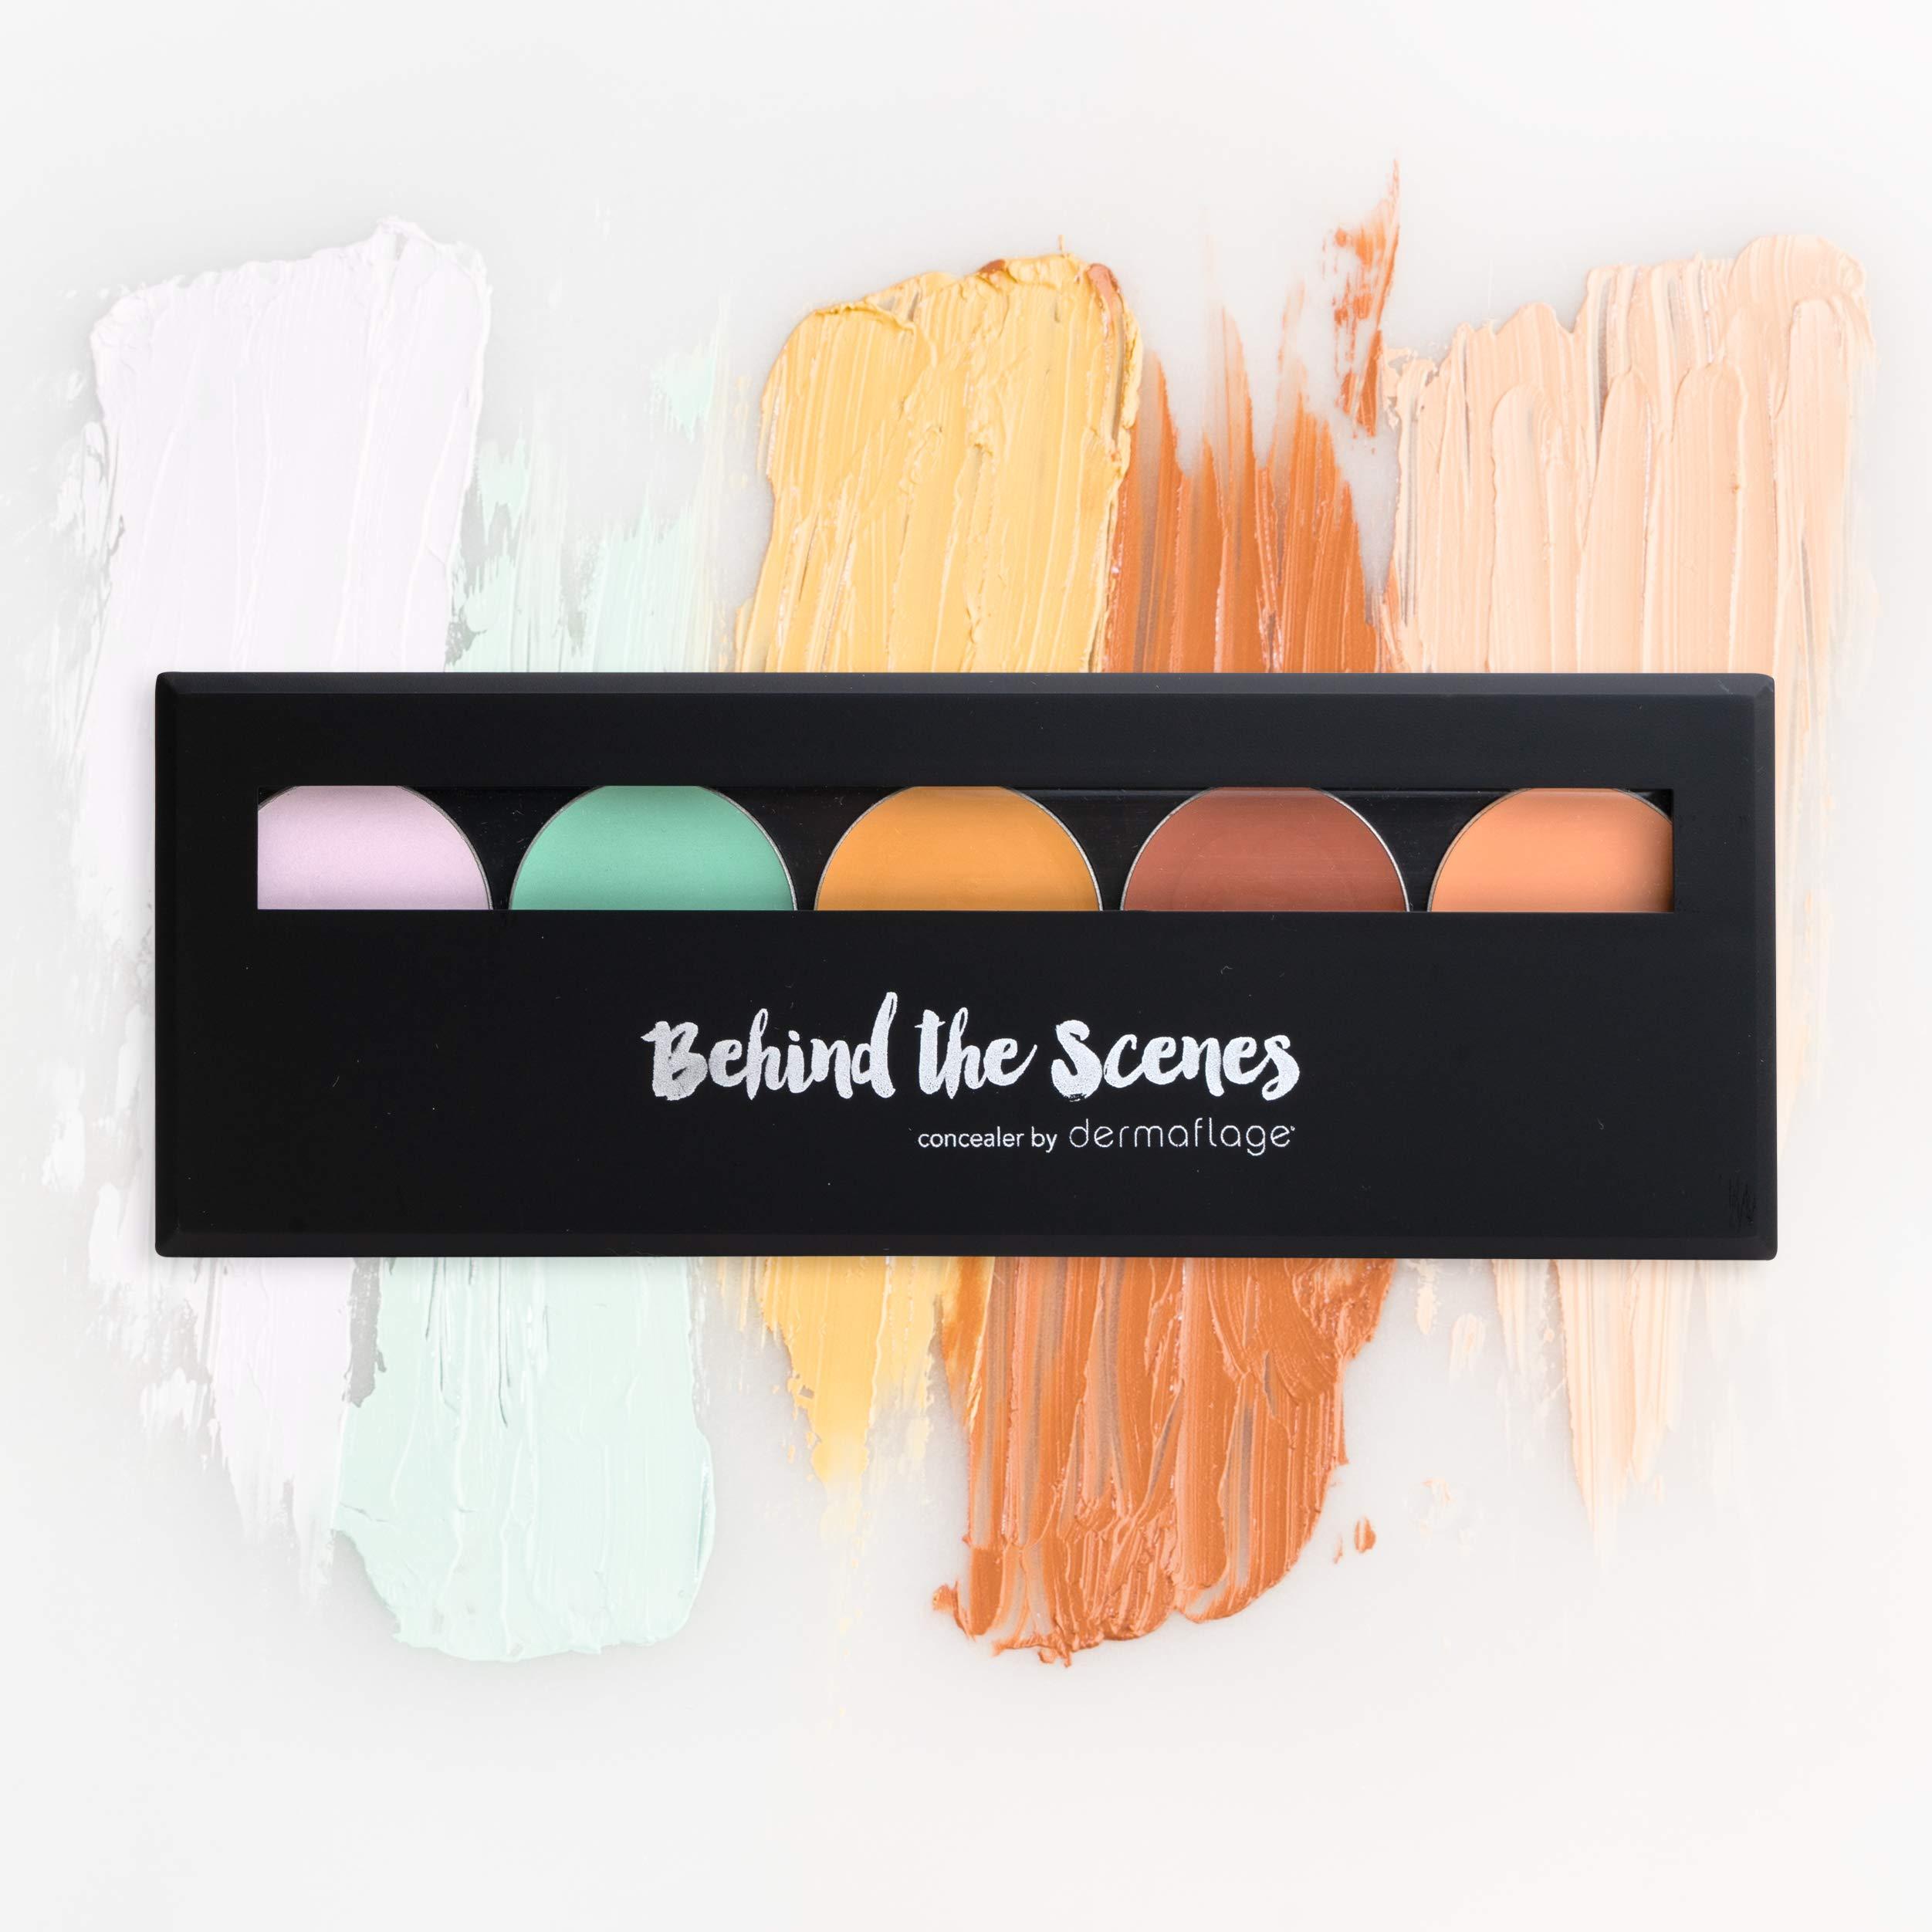 Dermaflage Color Correcting Palette, Color Corrector Cream, 5 Color Corrector Kit + Brush, by Dermaflage 10g/.35oz